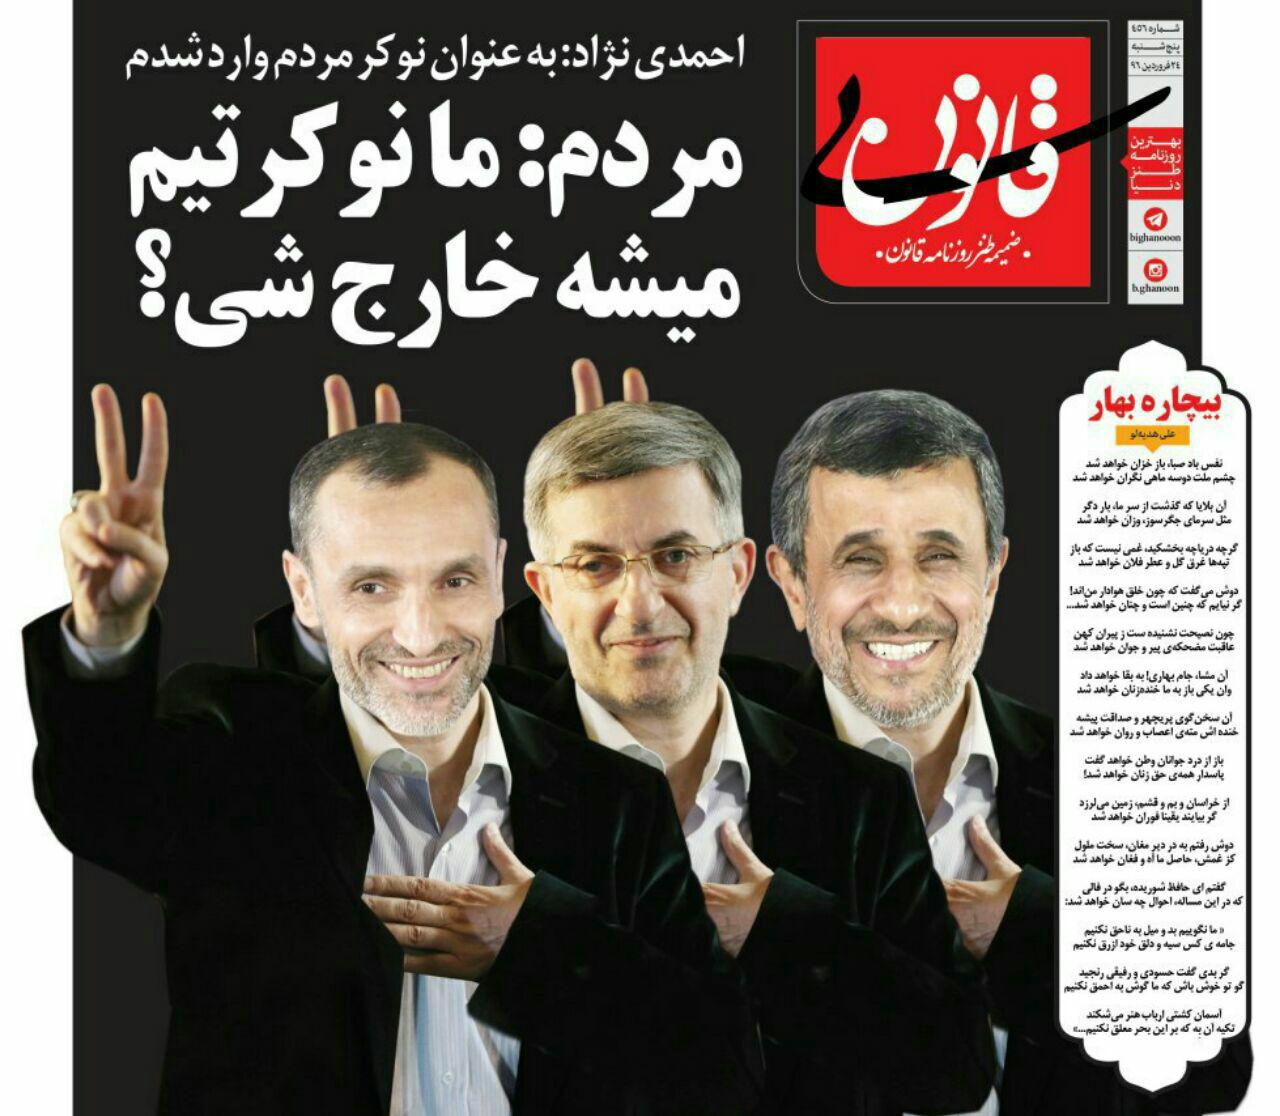 4 سناریو نامزدی احمدی نژاد/ پای وزیر در پرونده امنیتی کانالها